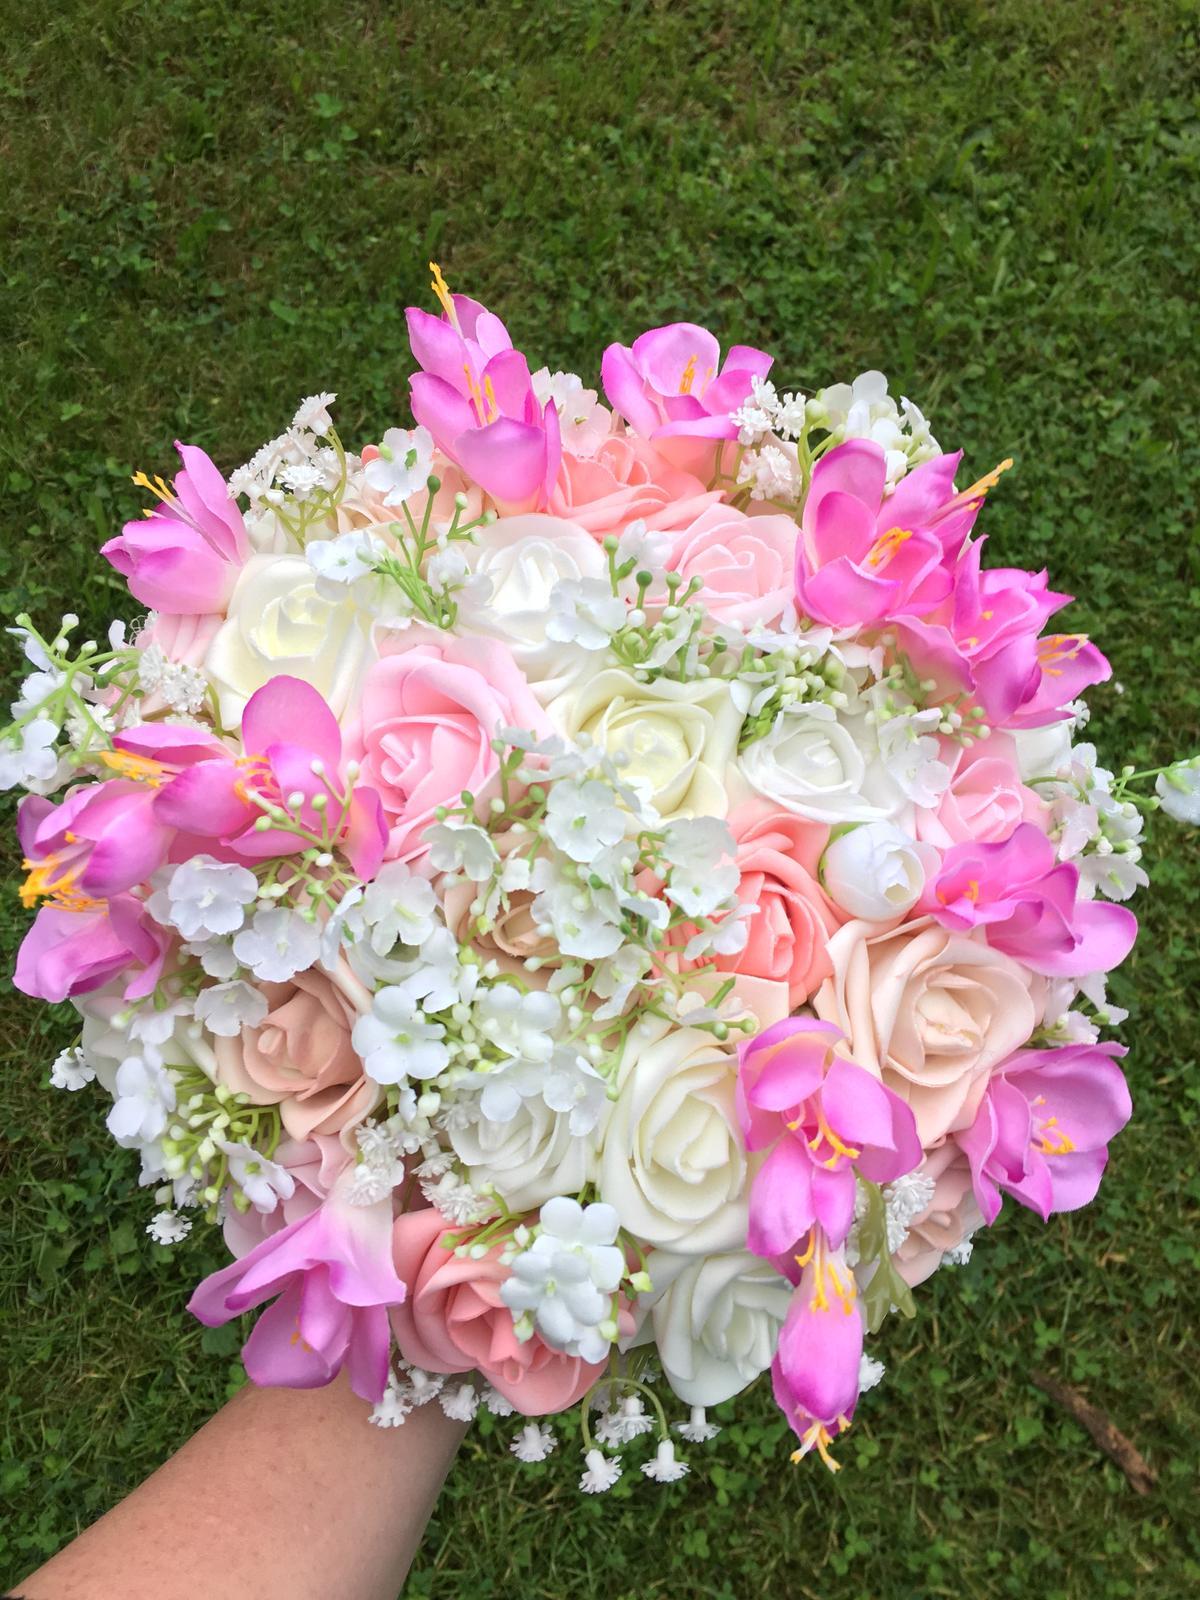 svatební kytice a korsáž pro ženicha - Obrázek č. 1